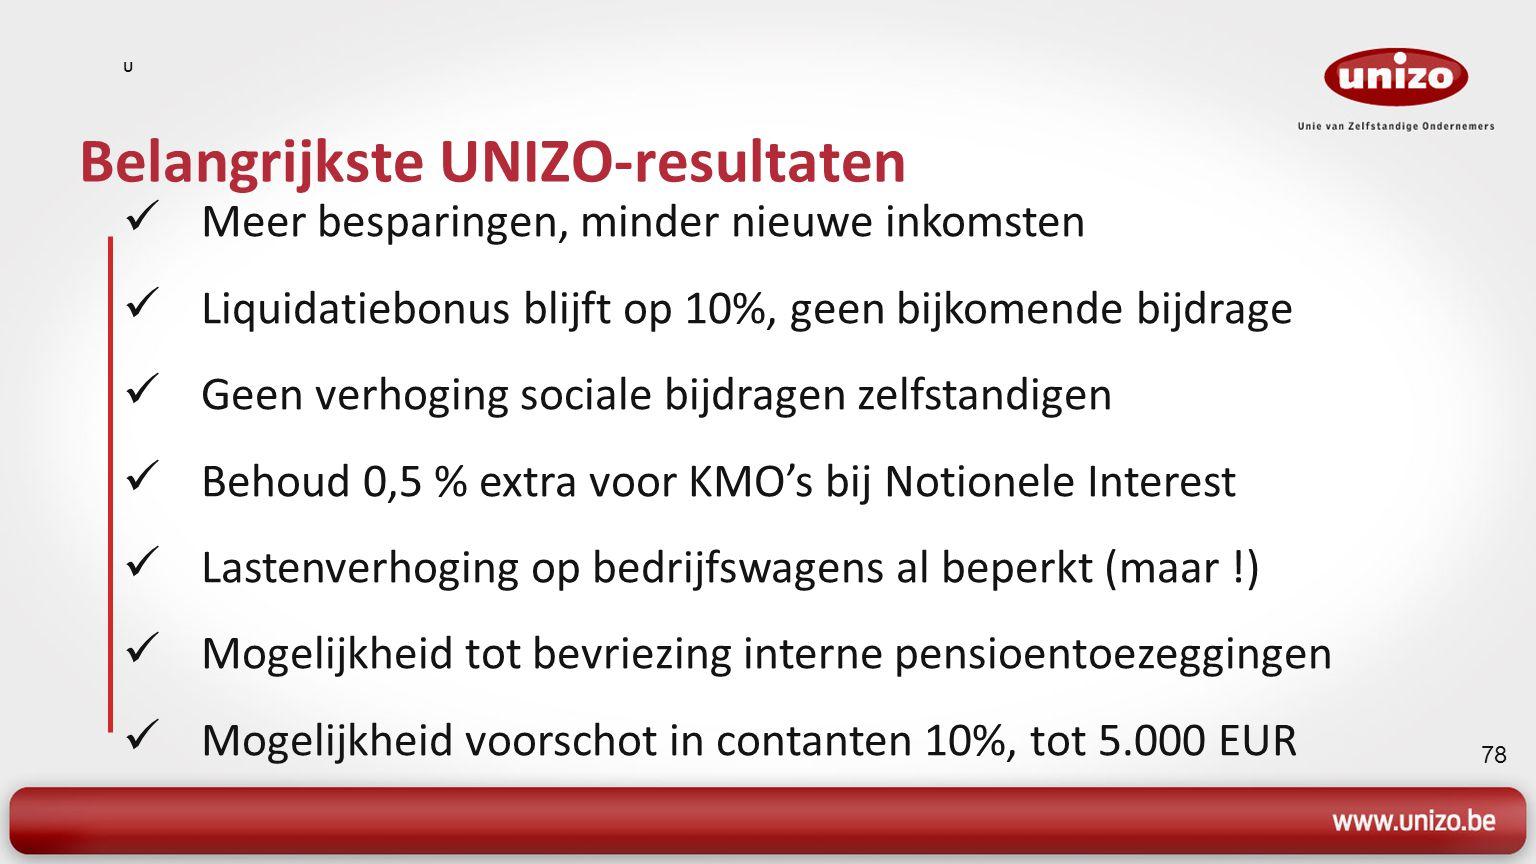 78 Belangrijkste UNIZO-resultaten U Meer besparingen, minder nieuwe inkomsten Liquidatiebonus blijft op 10%, geen bijkomende bijdrage Geen verhoging sociale bijdragen zelfstandigen Behoud 0,5 % extra voor KMO's bij Notionele Interest Lastenverhoging op bedrijfswagens al beperkt (maar !) Mogelijkheid tot bevriezing interne pensioentoezeggingen Mogelijkheid voorschot in contanten 10%, tot 5.000 EUR